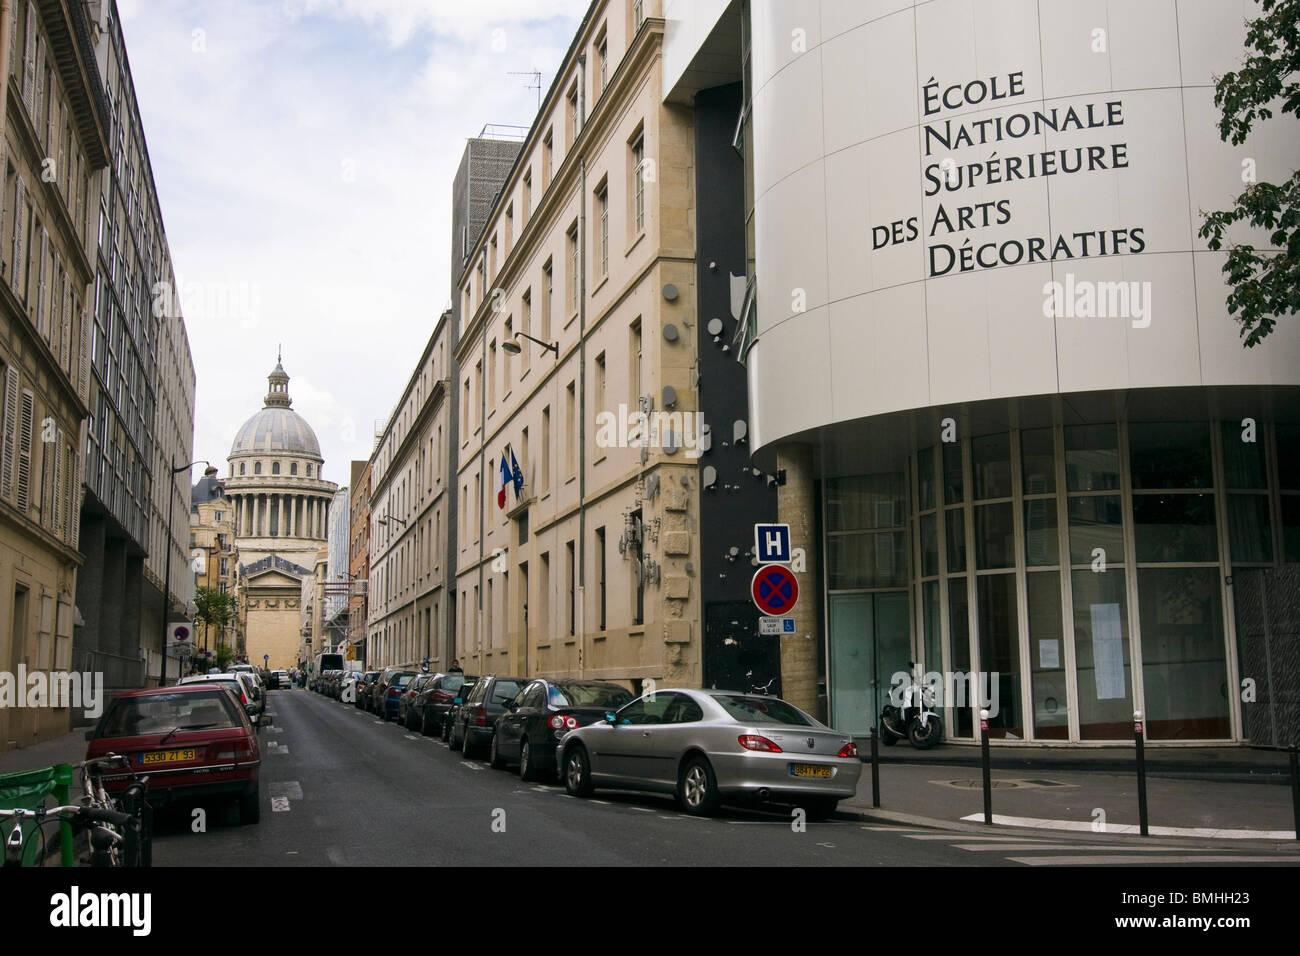 The Pantheon as seen from the École Nationale Supérieure des Arts Décoratifs, Paris, France Stock Photo